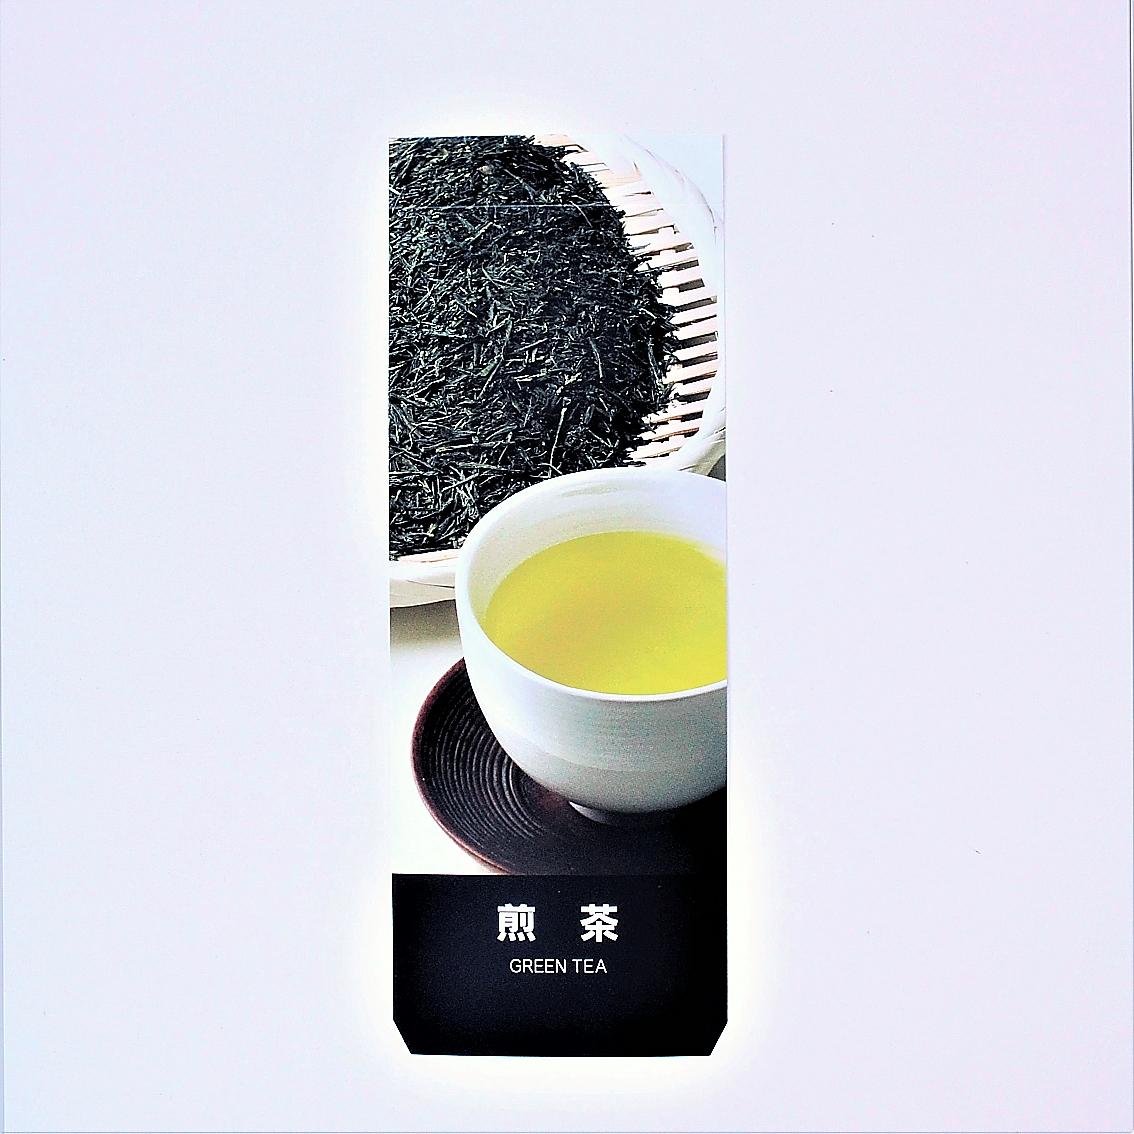 フレーバーカード(煎茶)